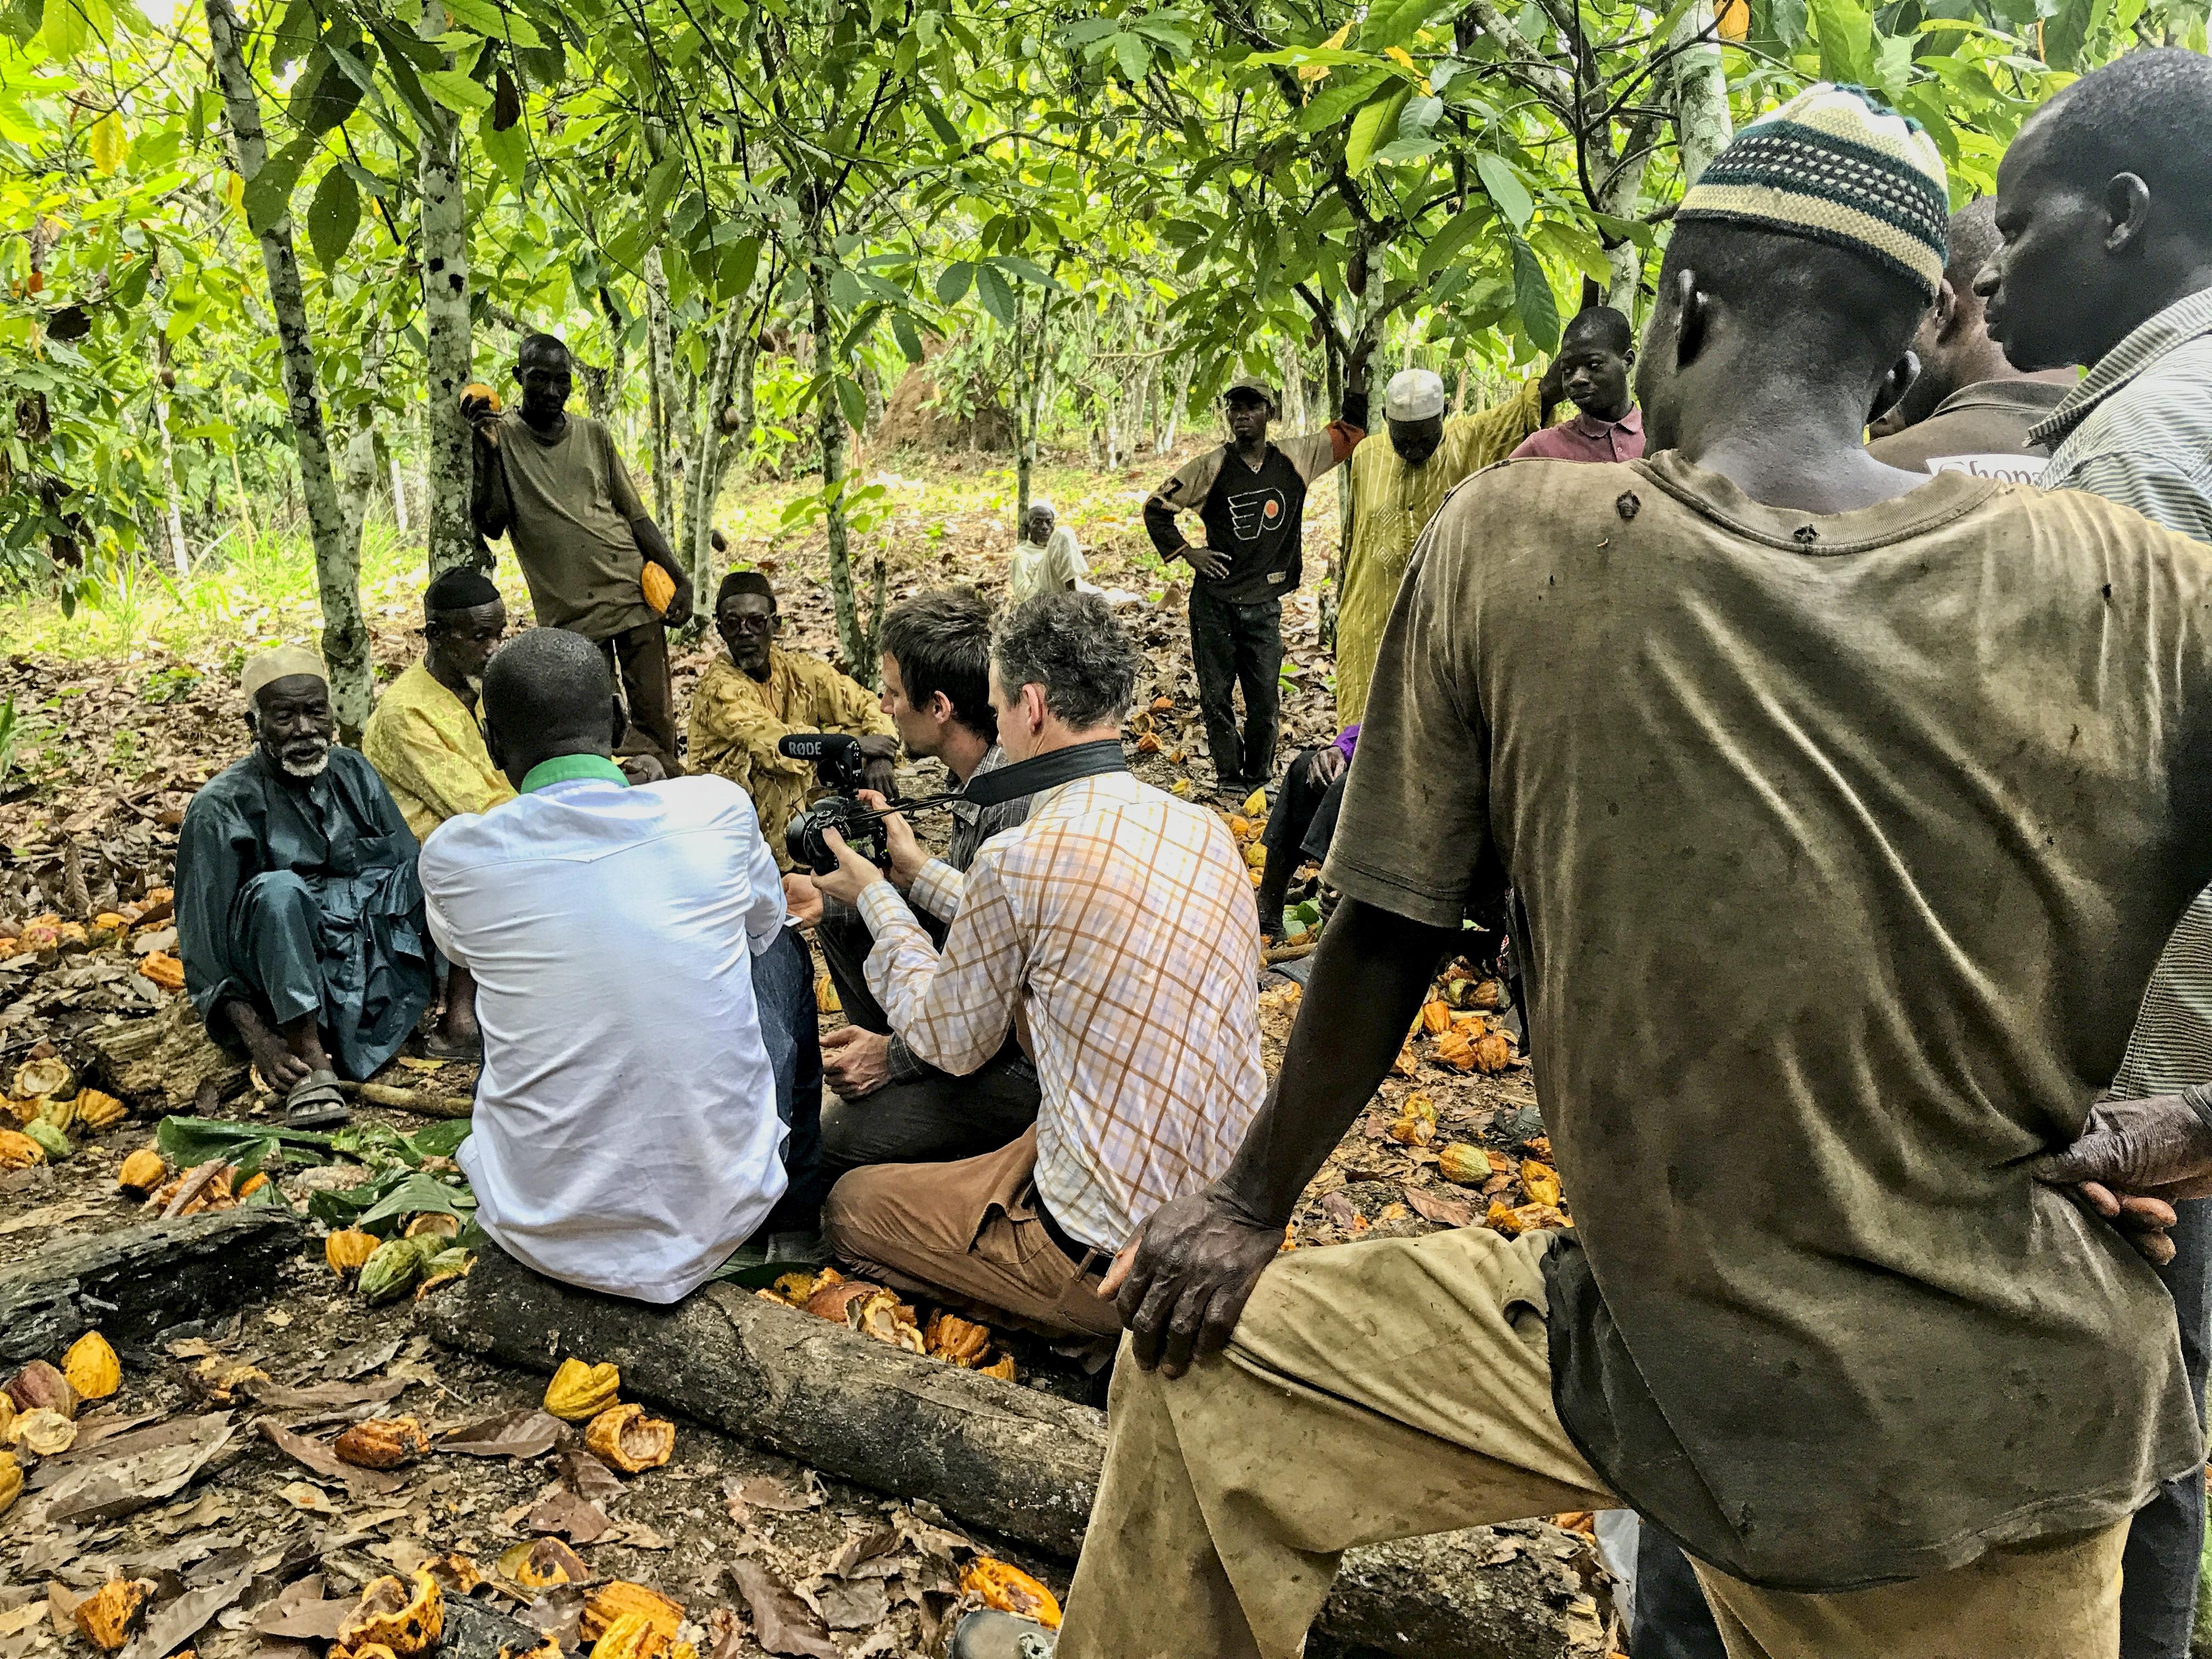 Rozhovor s pěstiteli kakaa v západní části Pobřeží slonoviny